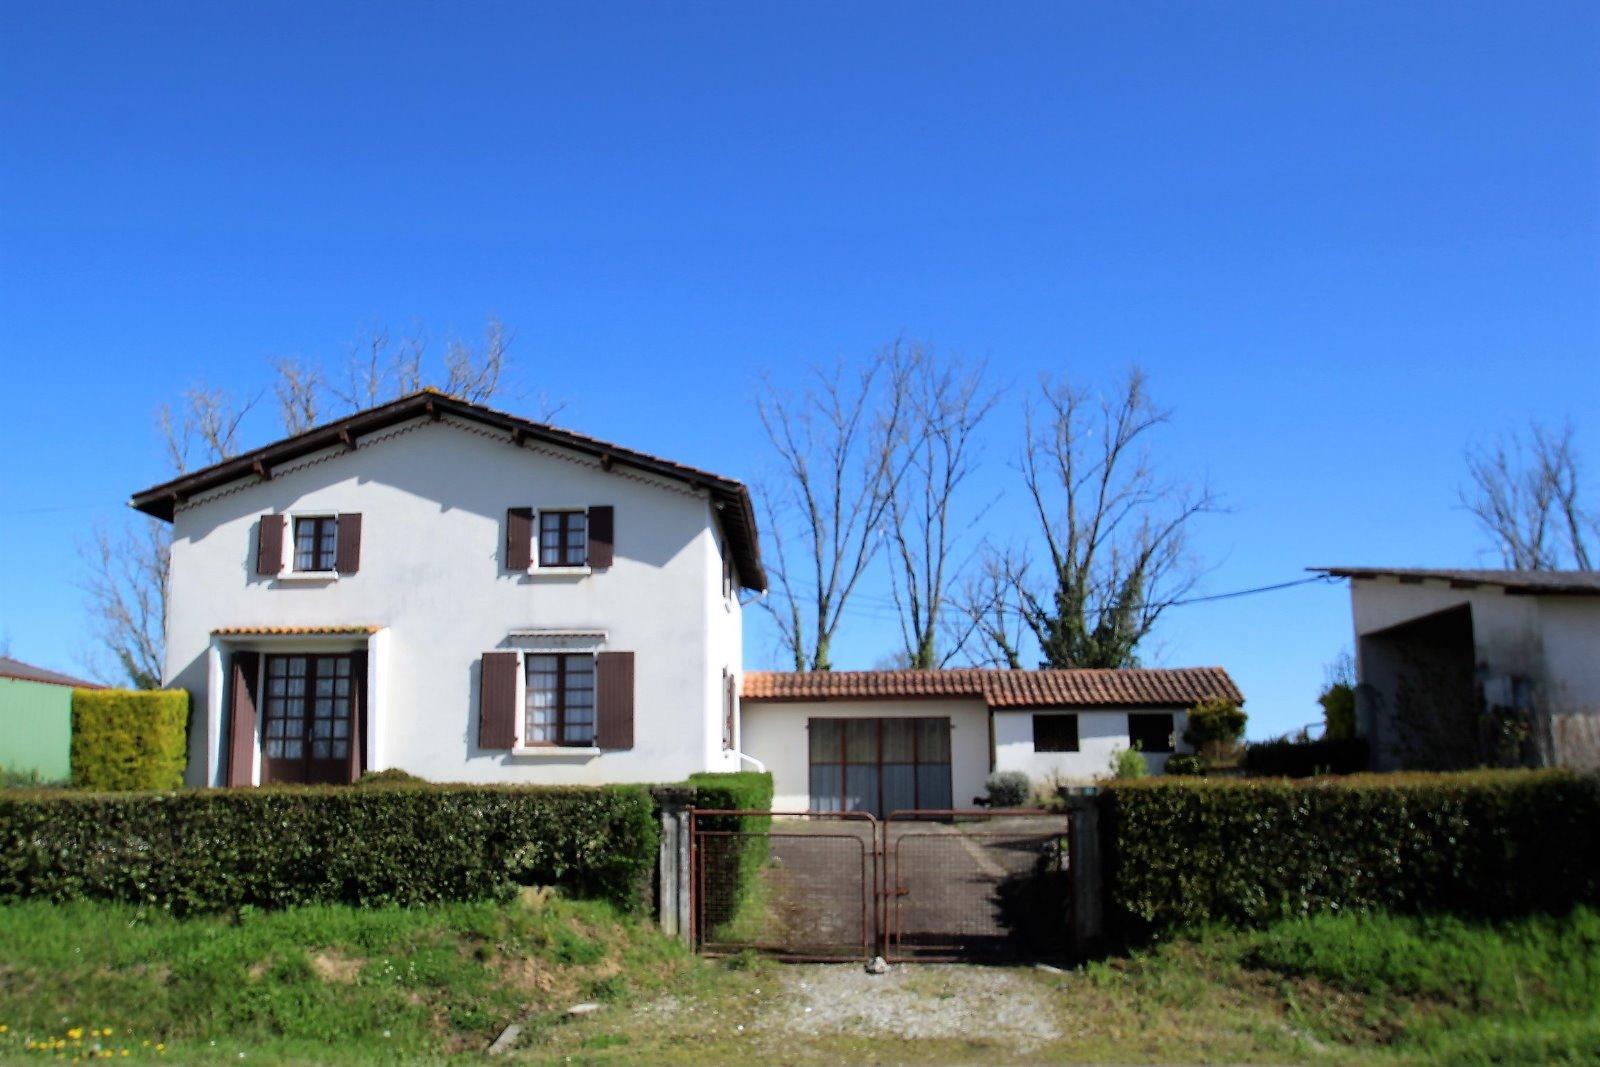 Vente maison/villa 7 pièces eugenie les bains 40320